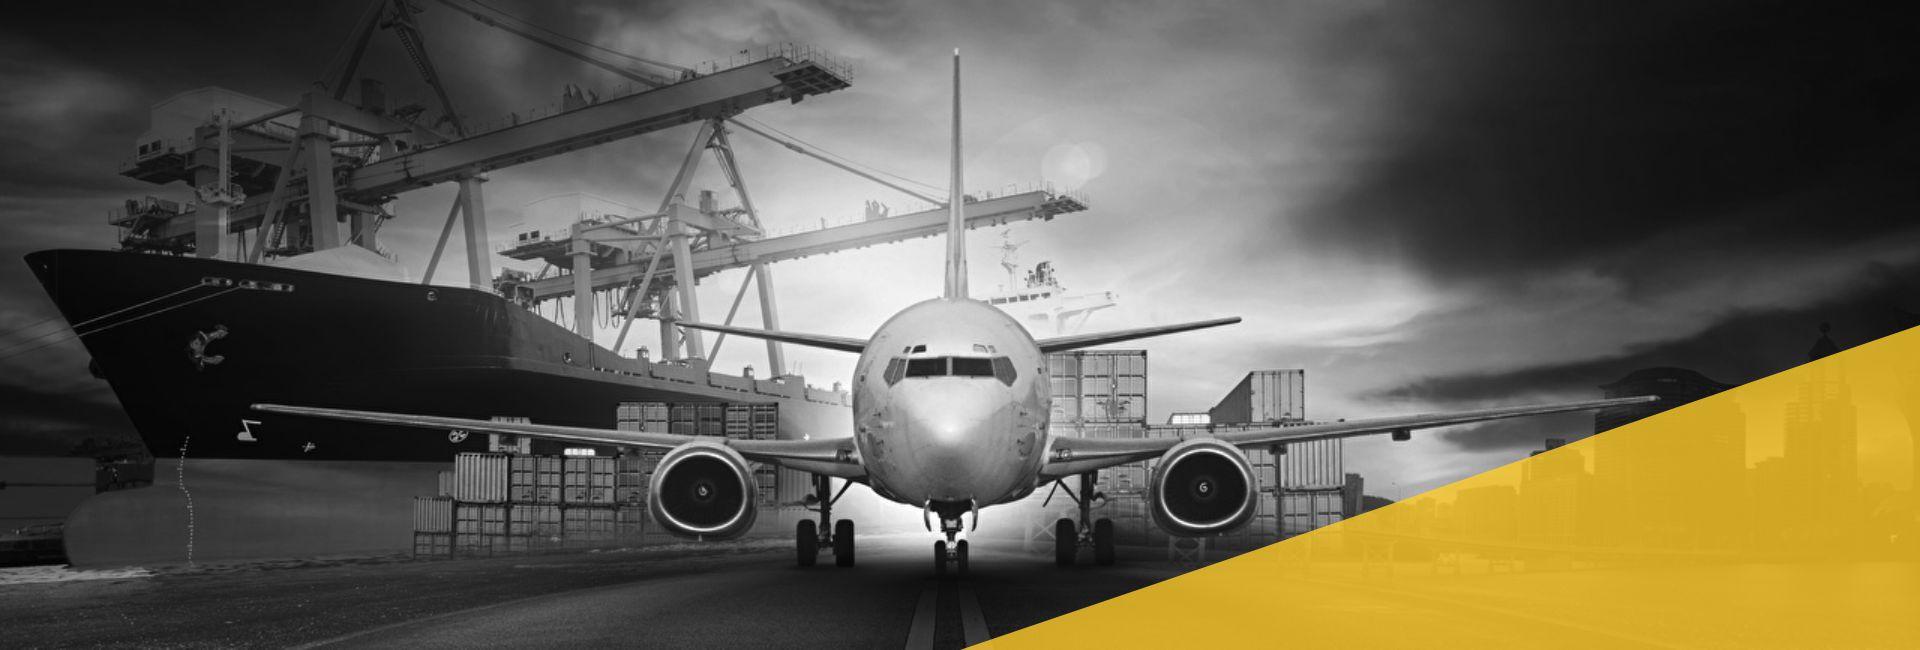 Expertise em projetos de Licitações e Concessões de Portos e Aeroportos   Expertise in projects of Public Bids and Concessions of Ports and Airports